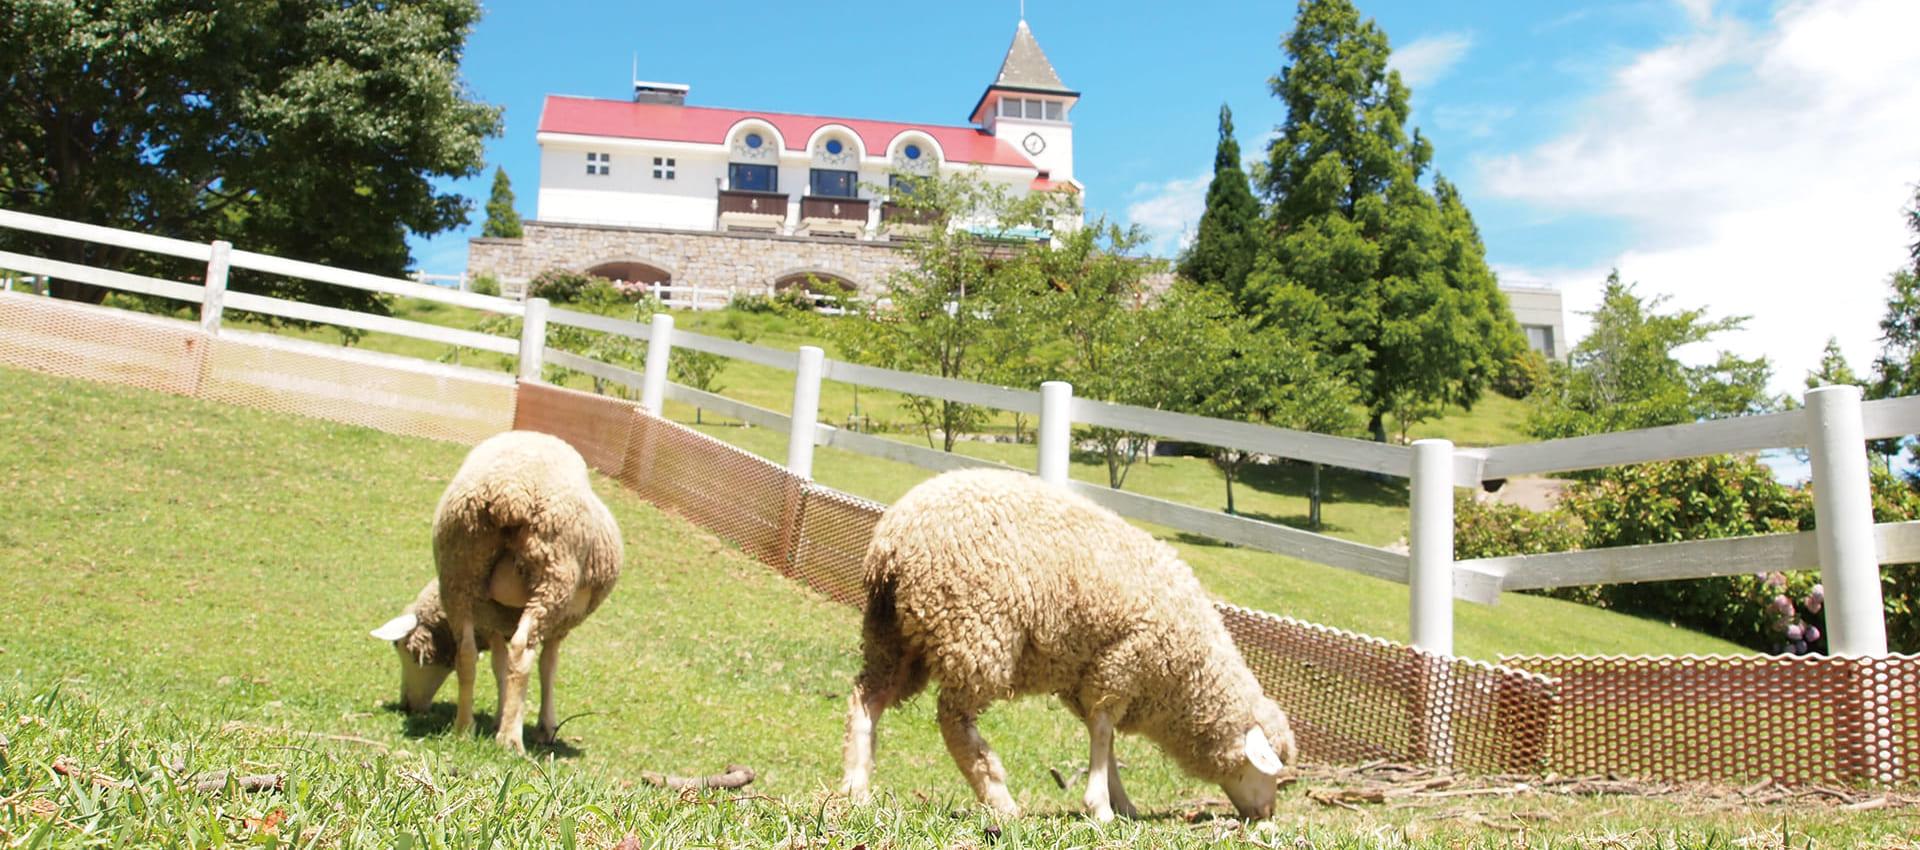 六甲山牧場裡的綿羊們正吃著牧草。